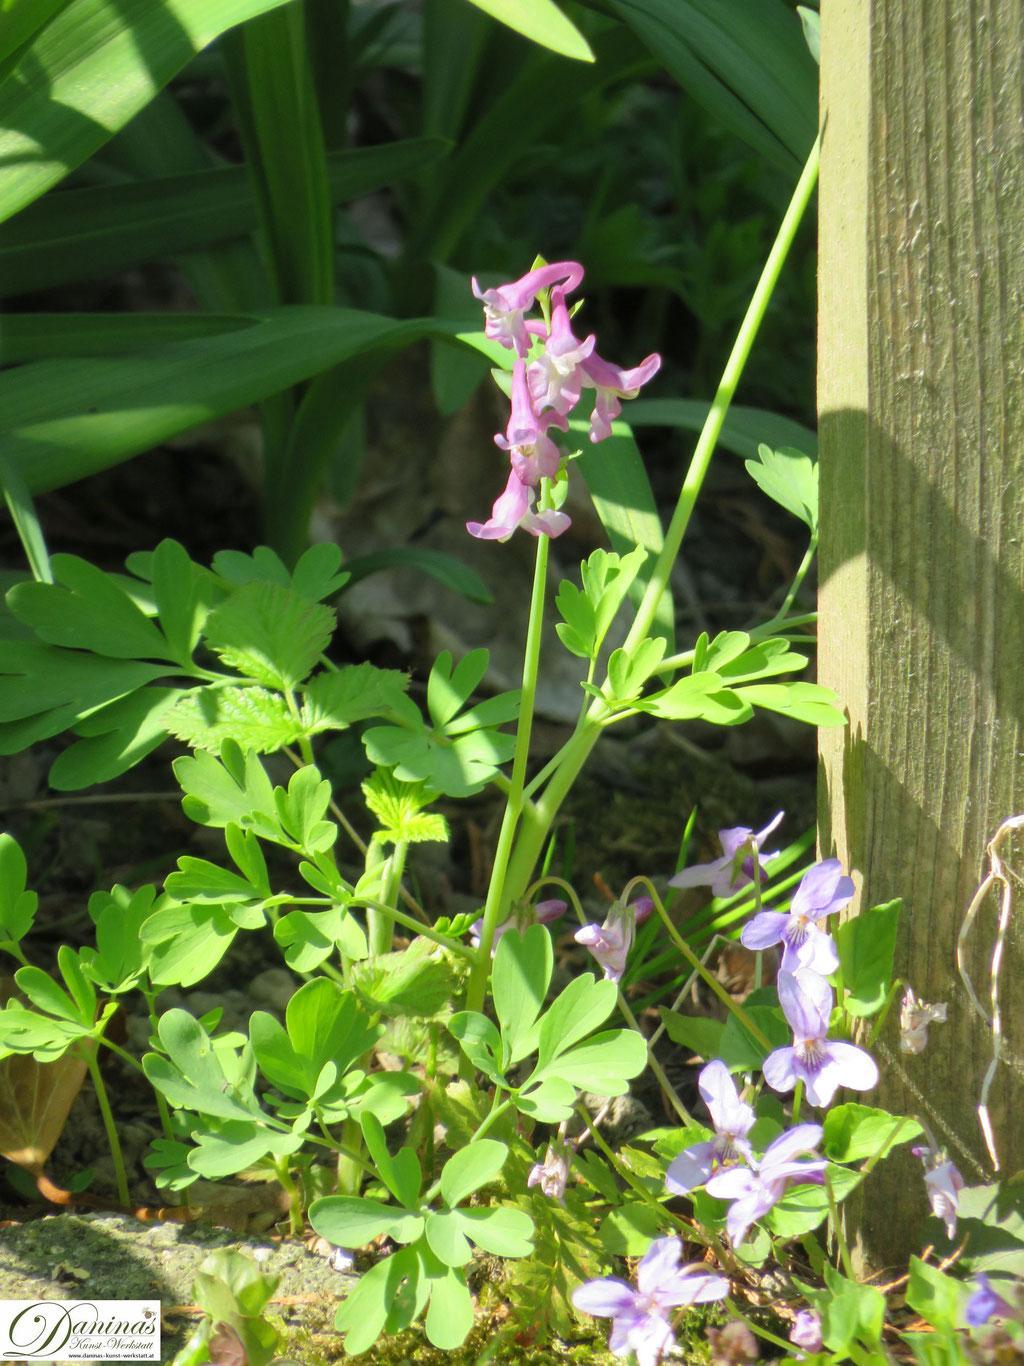 Hohler Lerchensporn im Garten - Wilde Wiesenblumen im Frühling